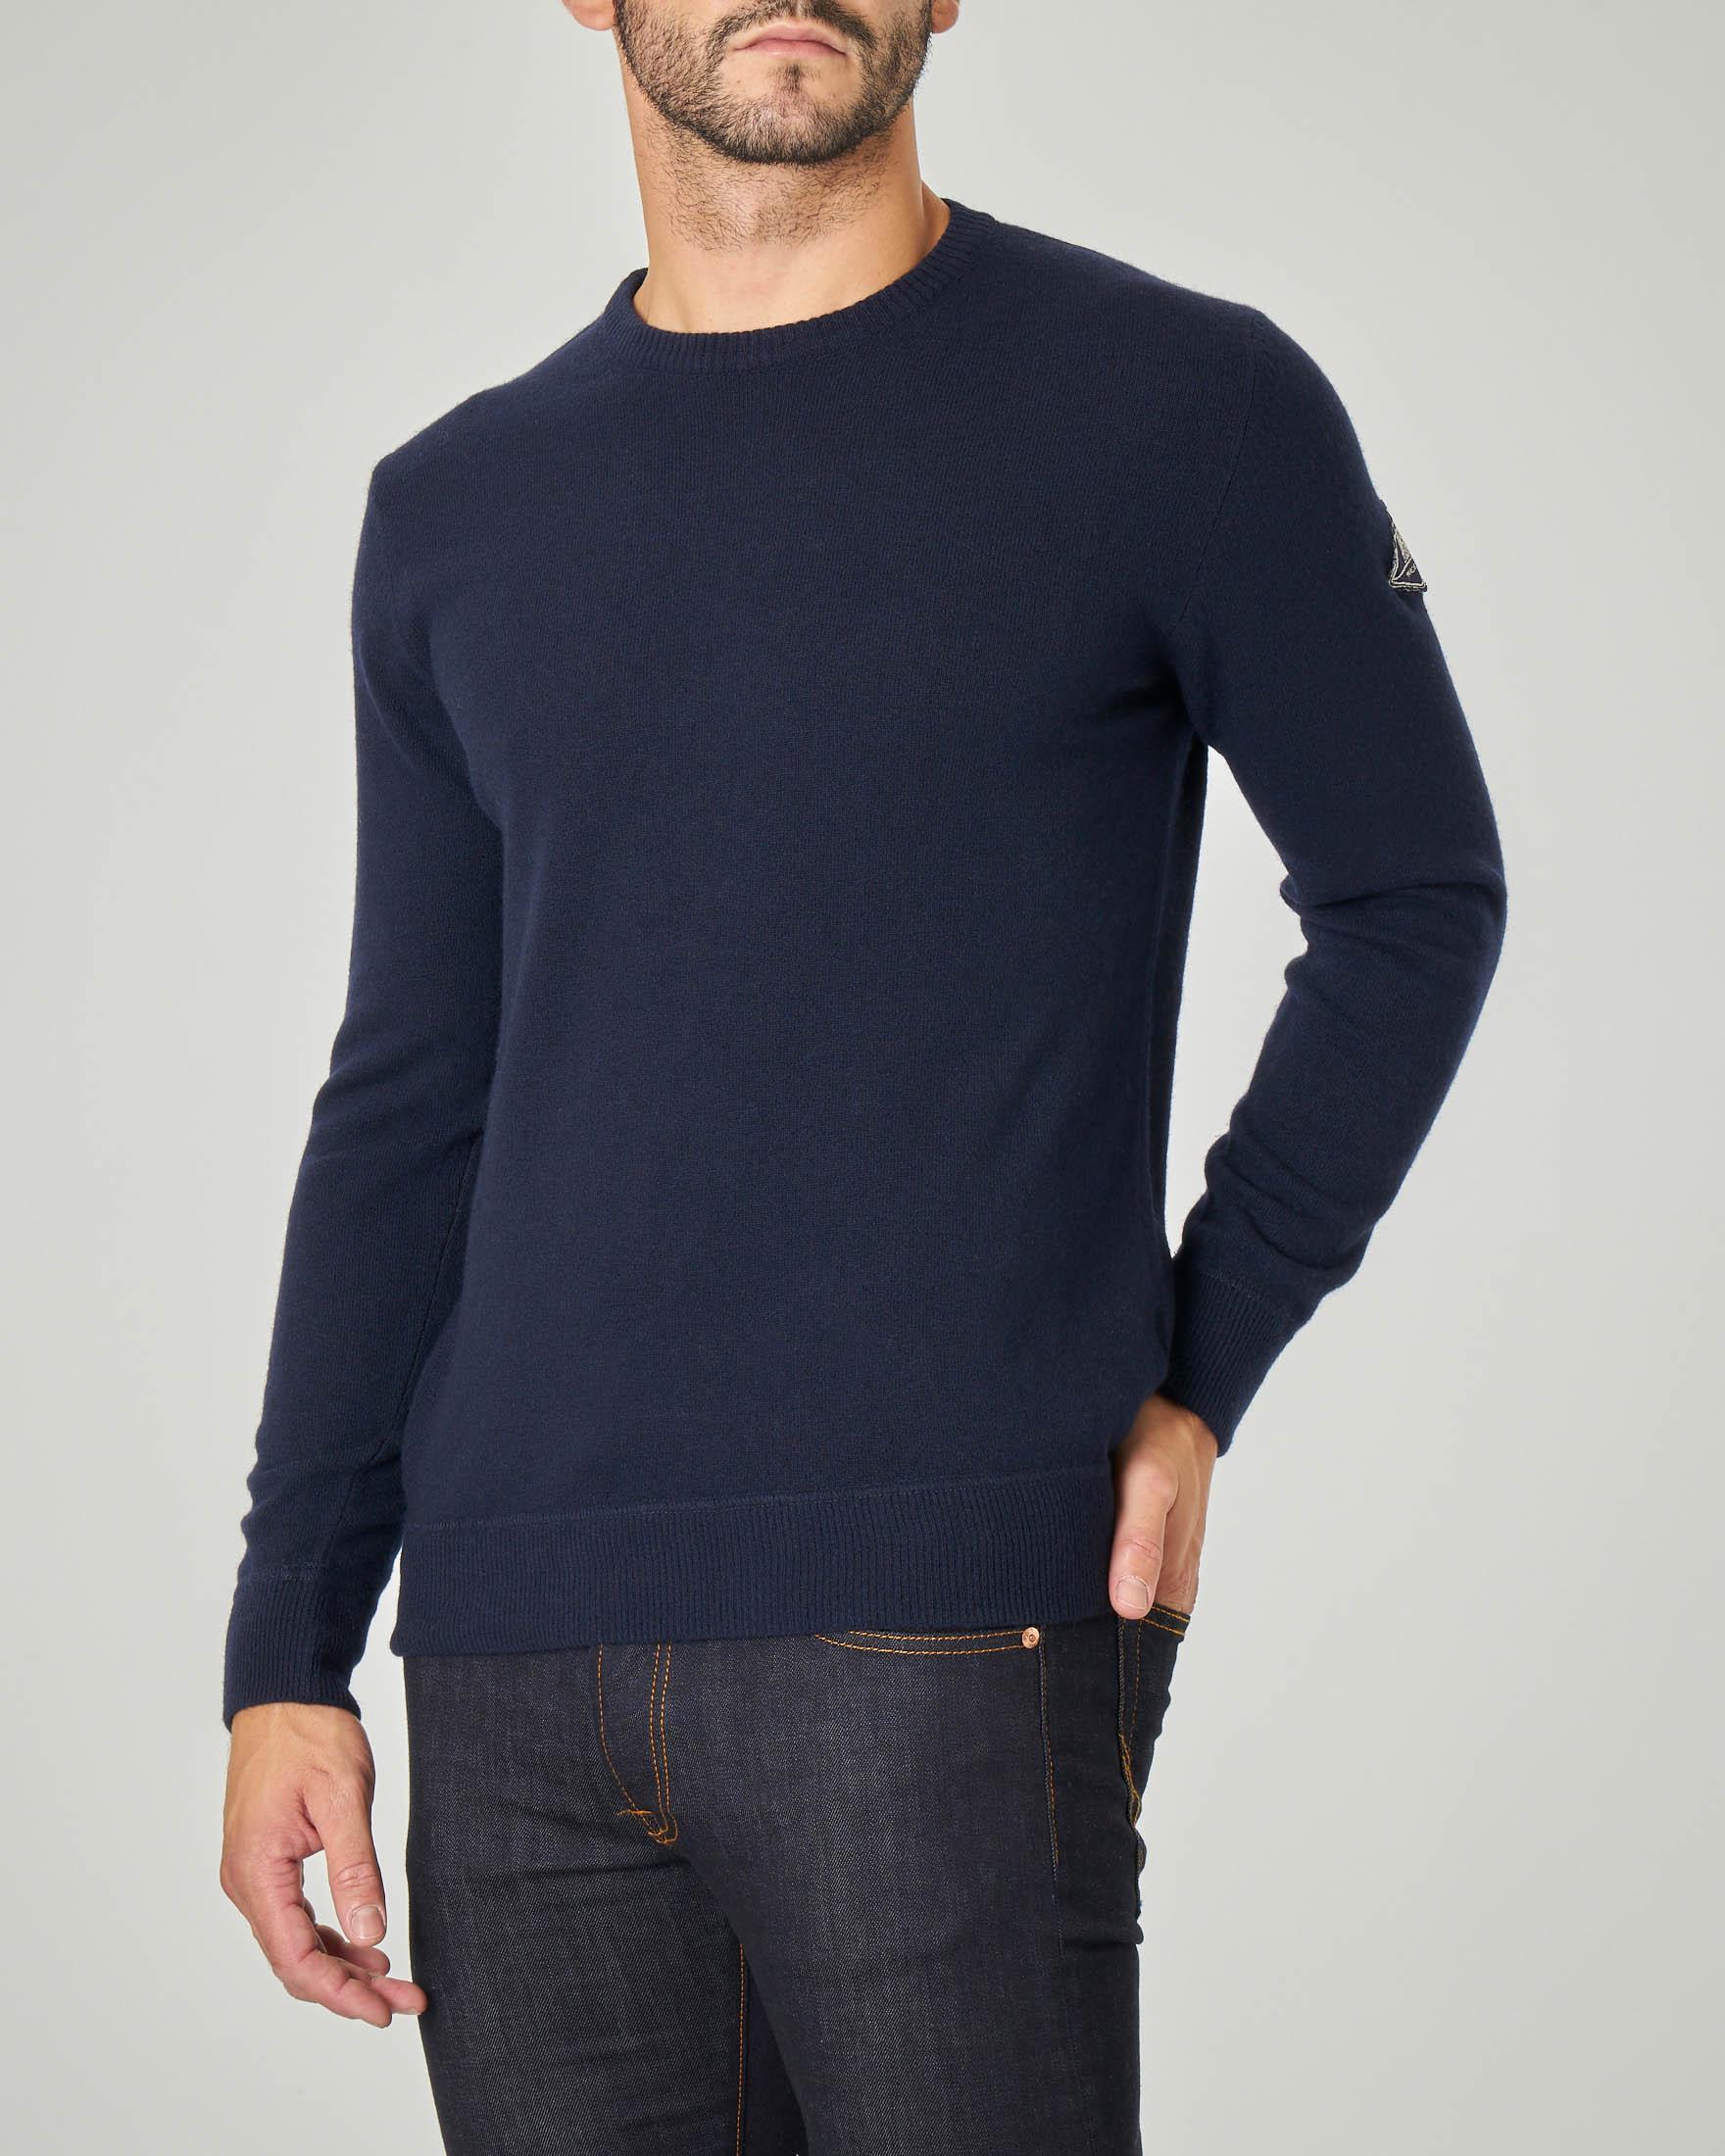 Maglia blu girocollo in lana, viscosa e cachemire